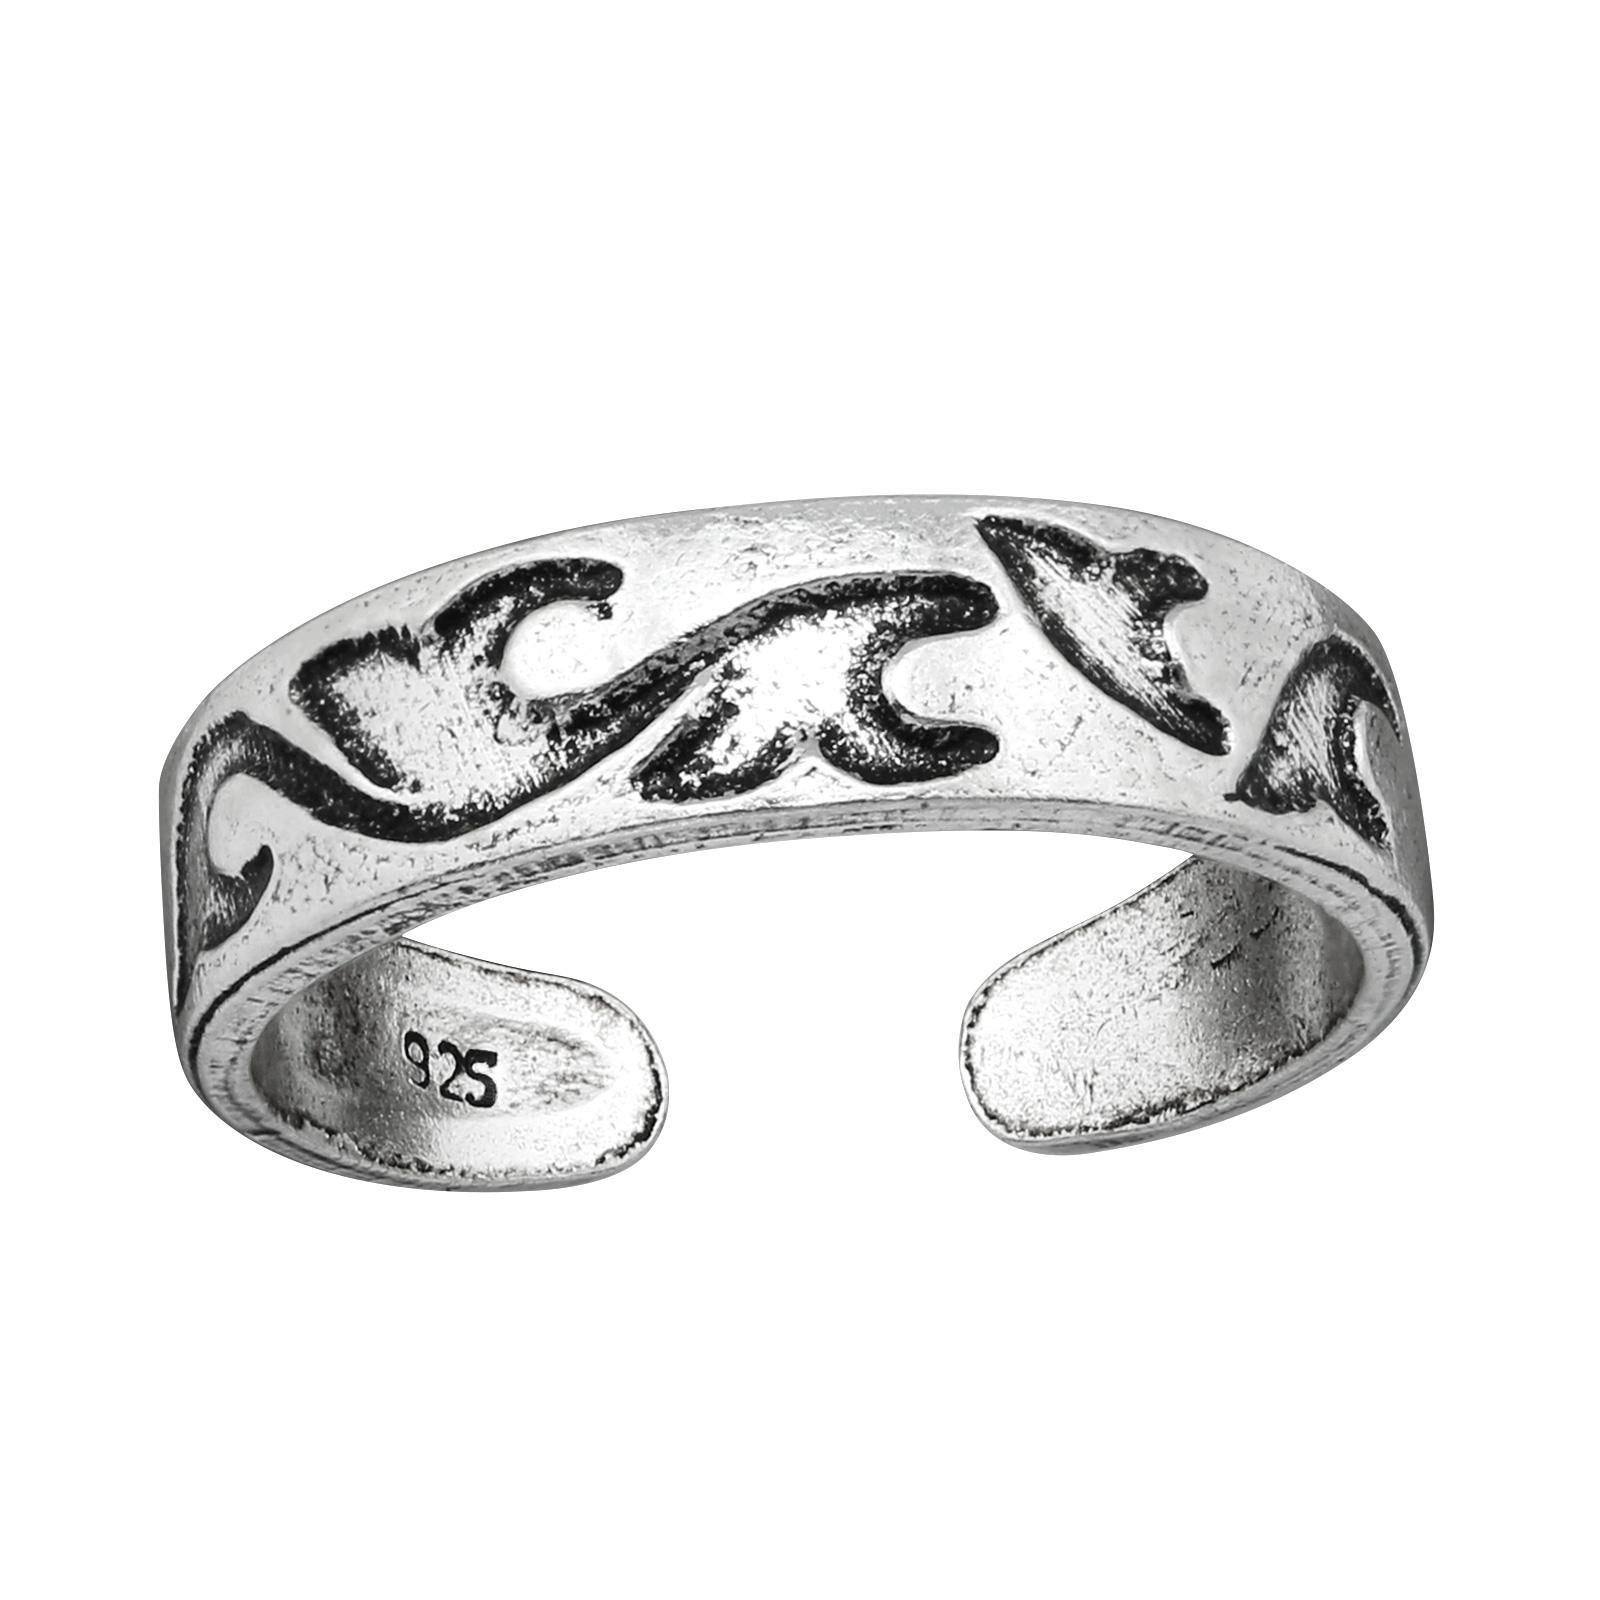 OLIVIE Strieborný prsteň NA NOHU 4008 Ag 925; ≤1,4 g.